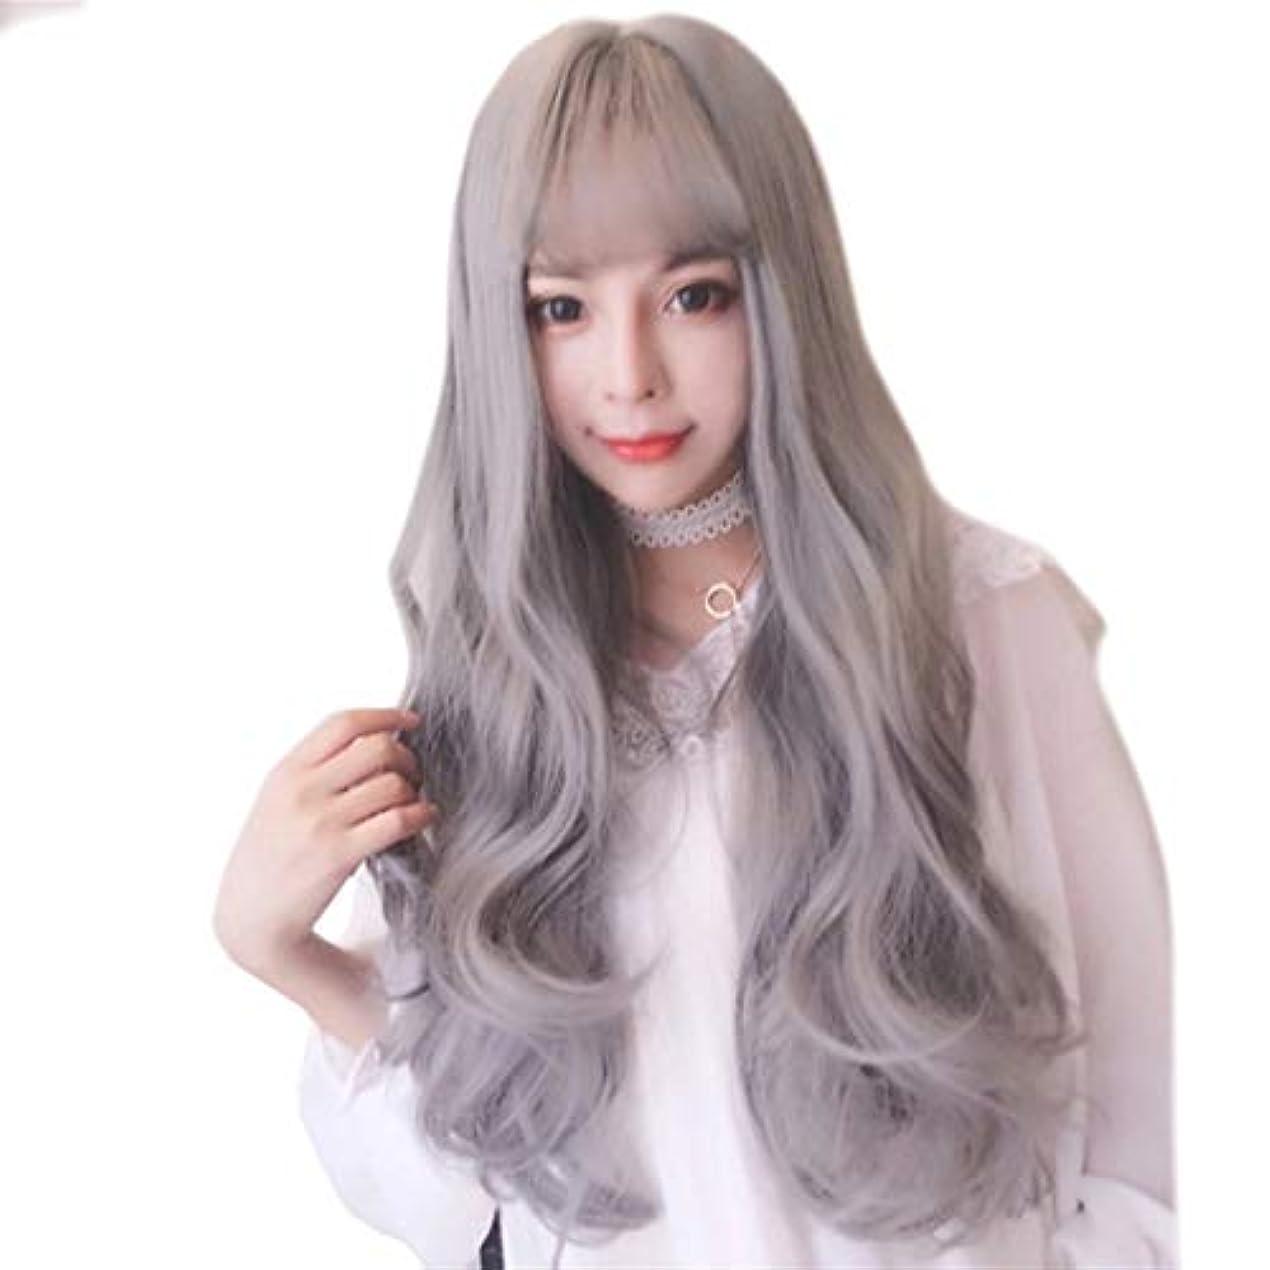 マイル蛾ふくろうSummerys 女性の前髪自然な波長い巻き毛の耐熱性合成かつらをかつら